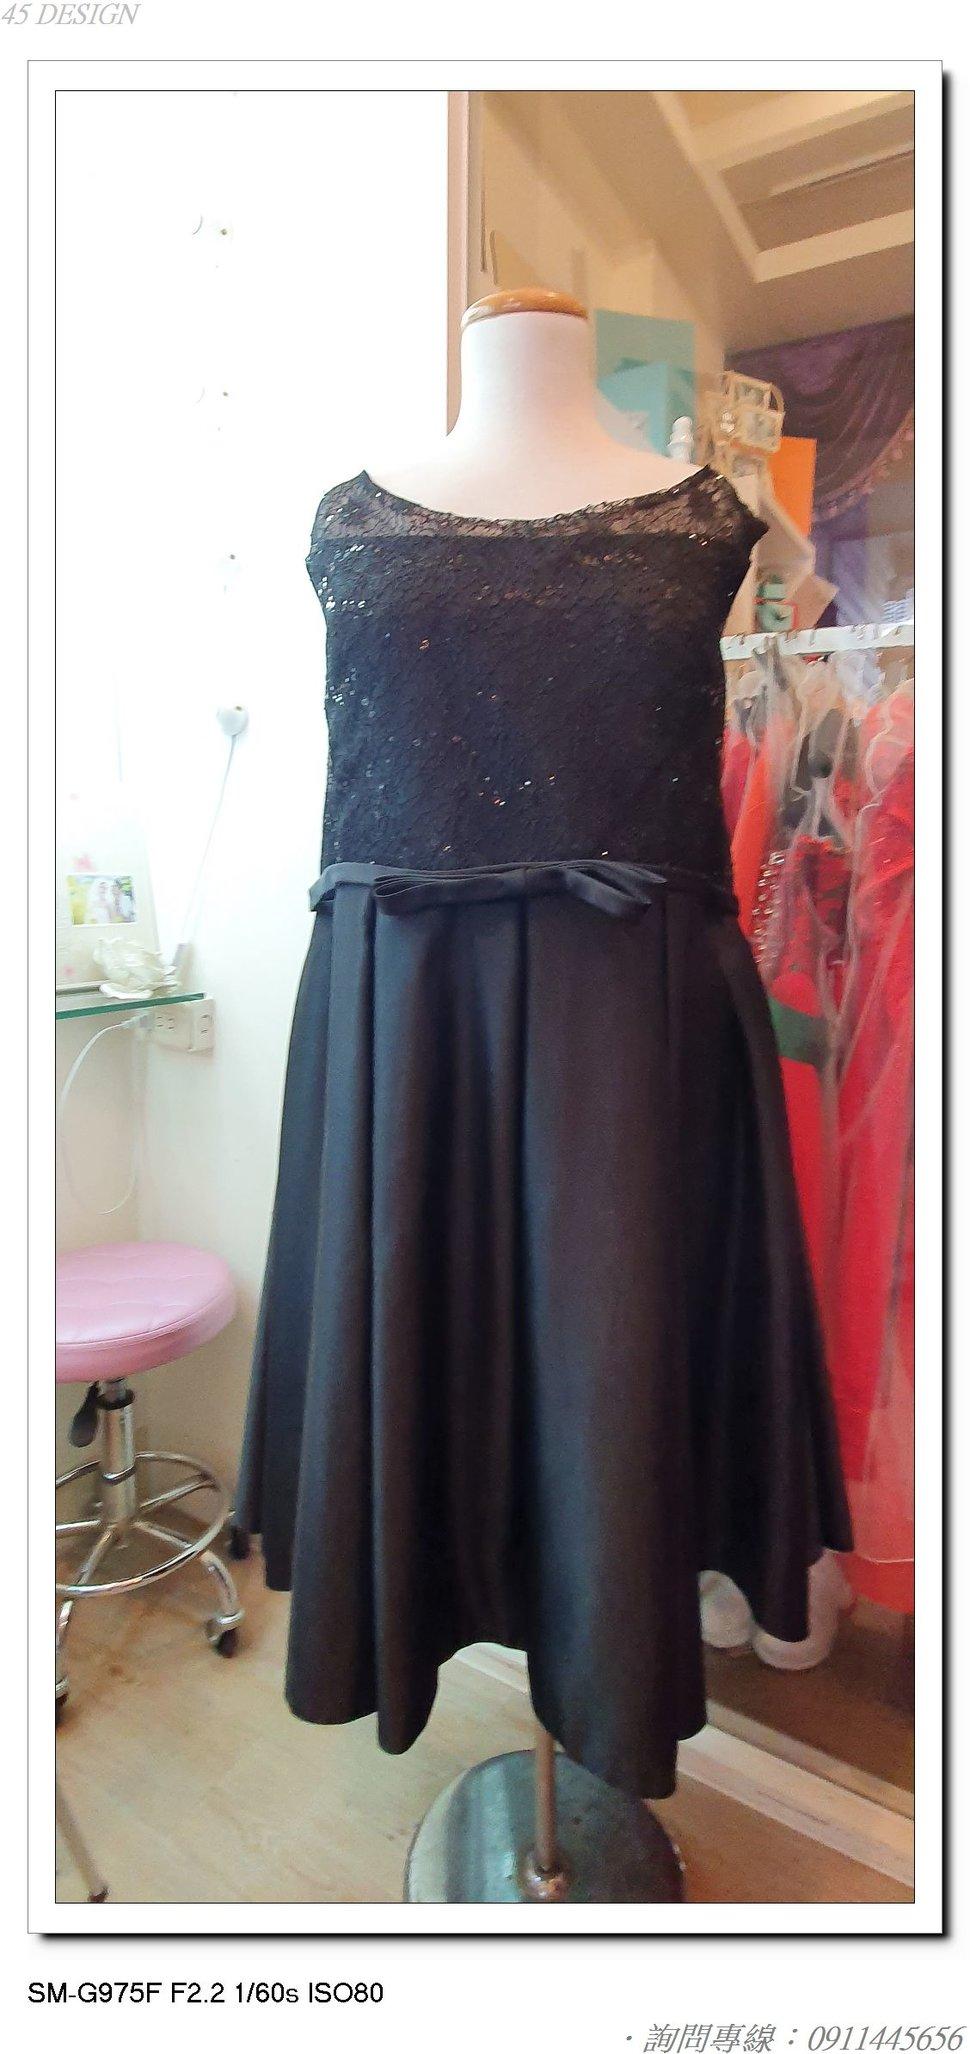 20200210_090127 - 全台最便宜-45DESIGN四五婚紗禮服《結婚吧》